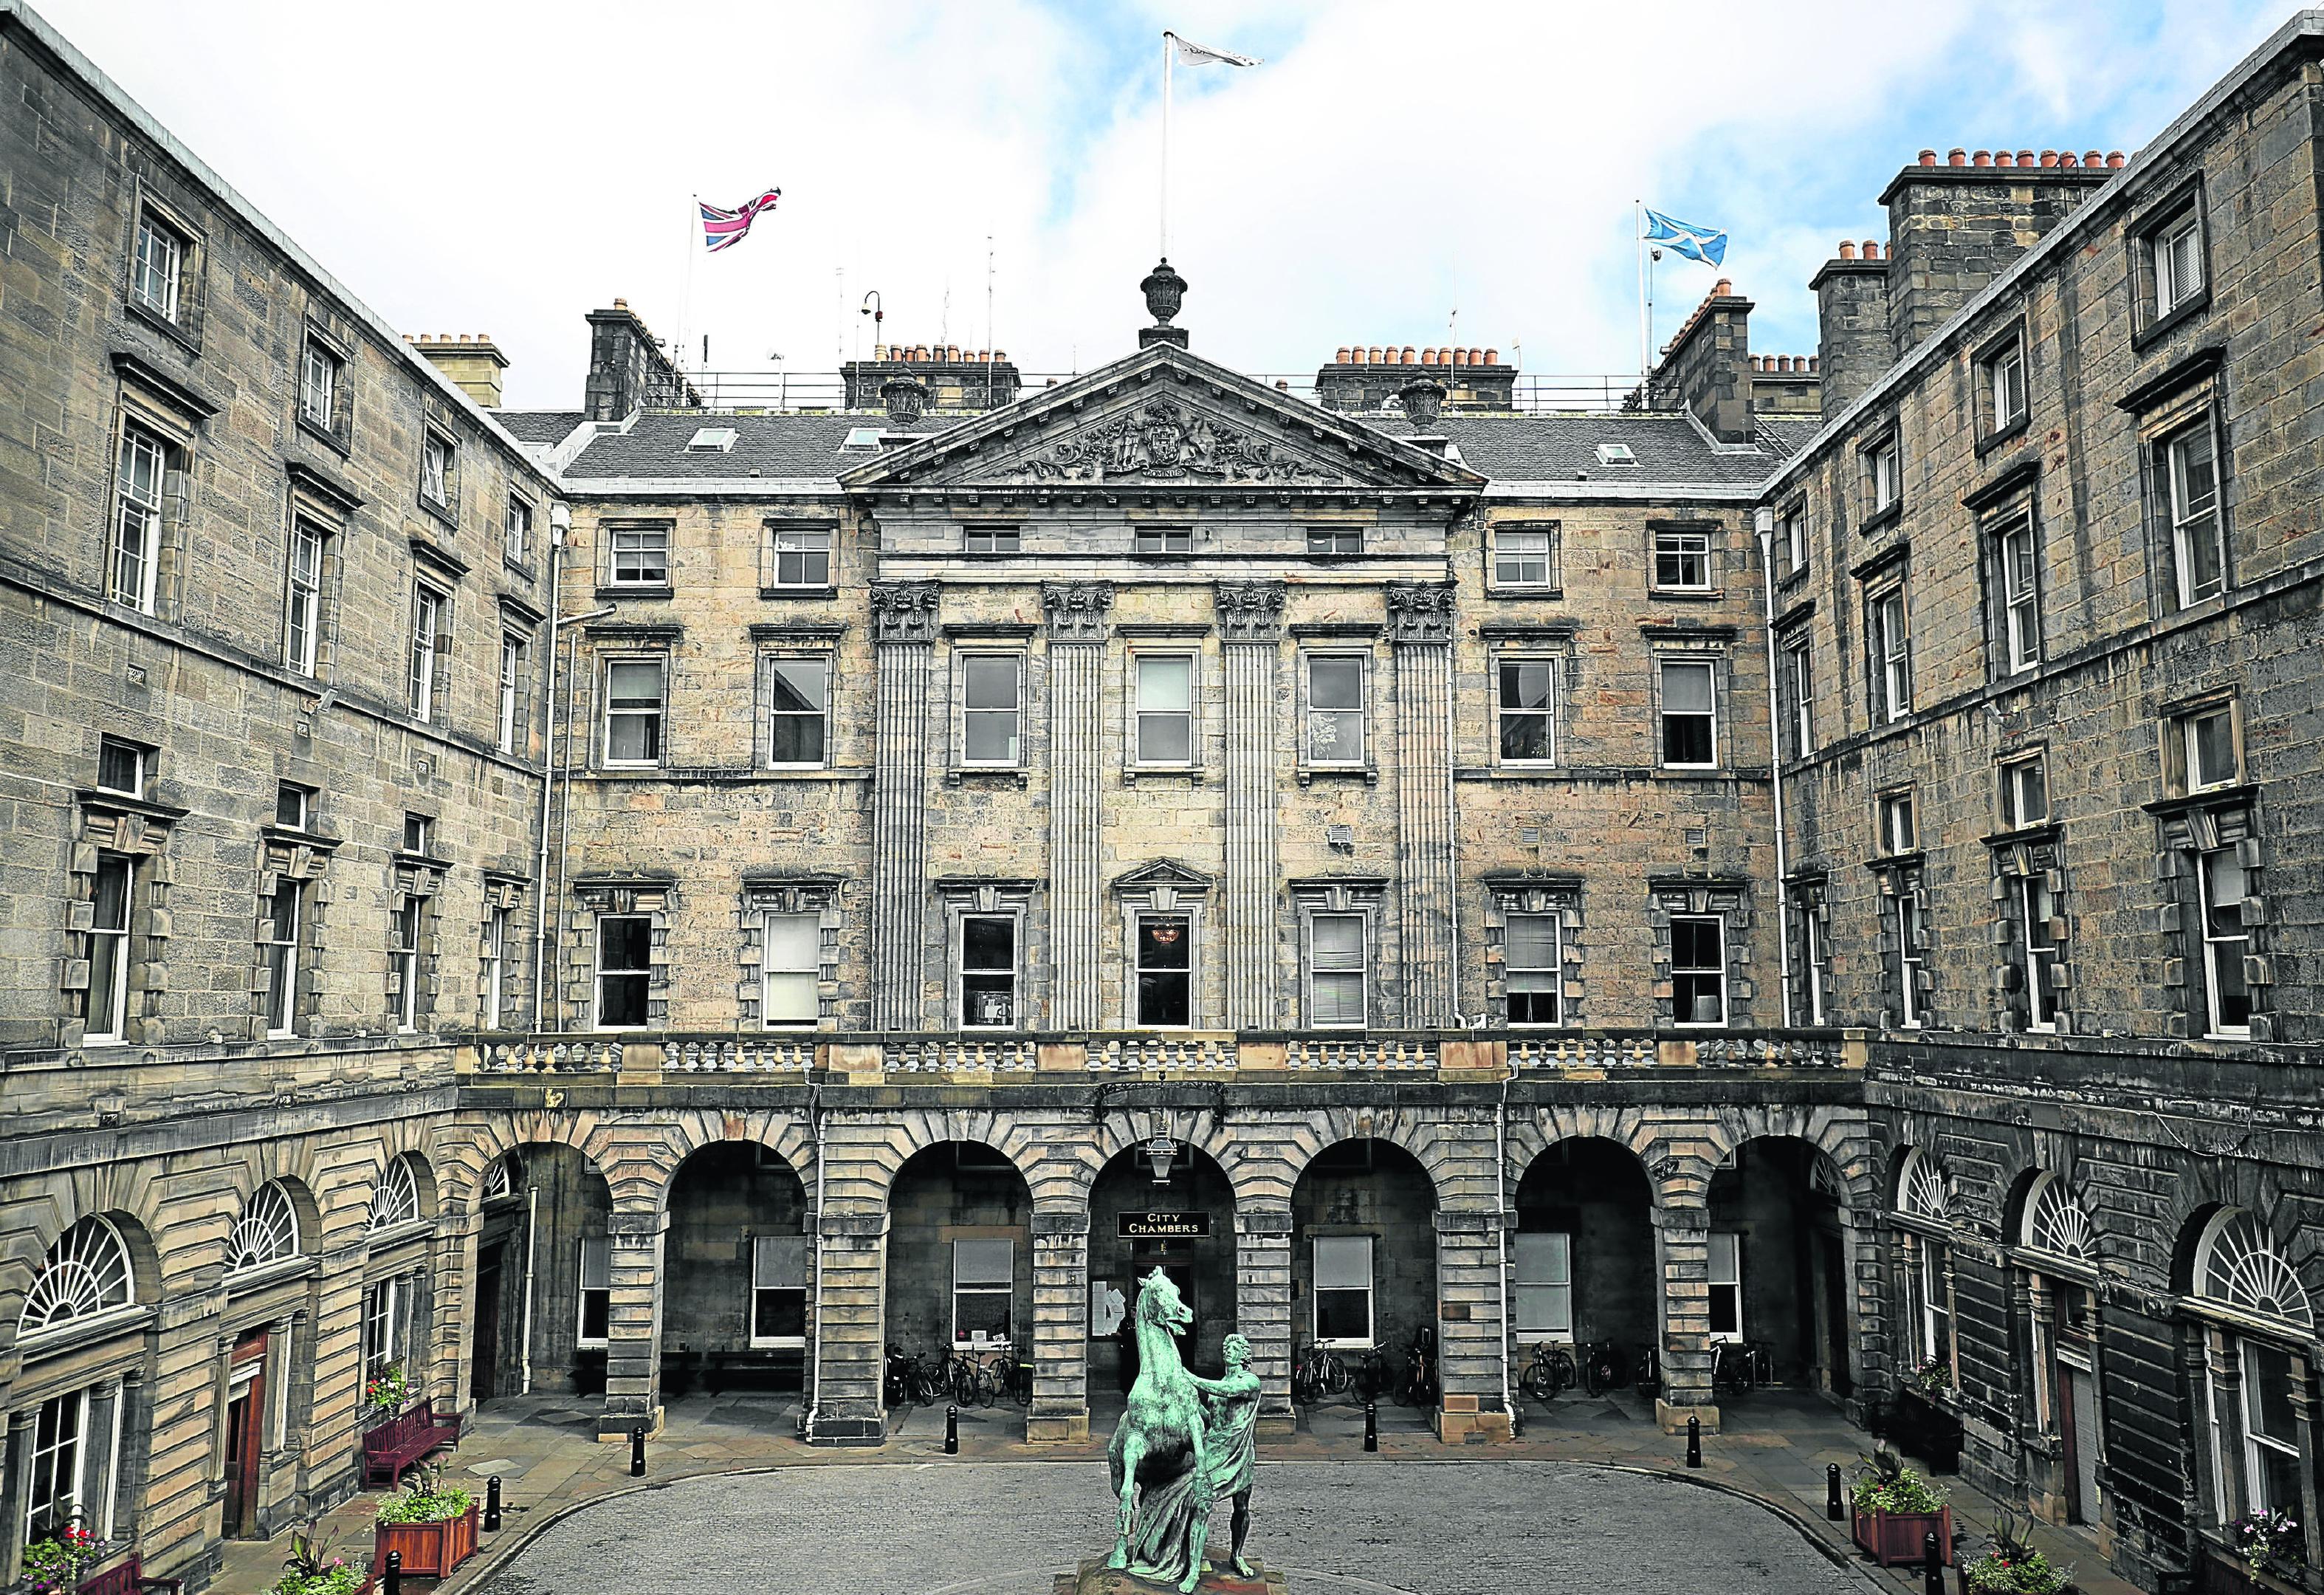 The Supreme Court in Scotland.